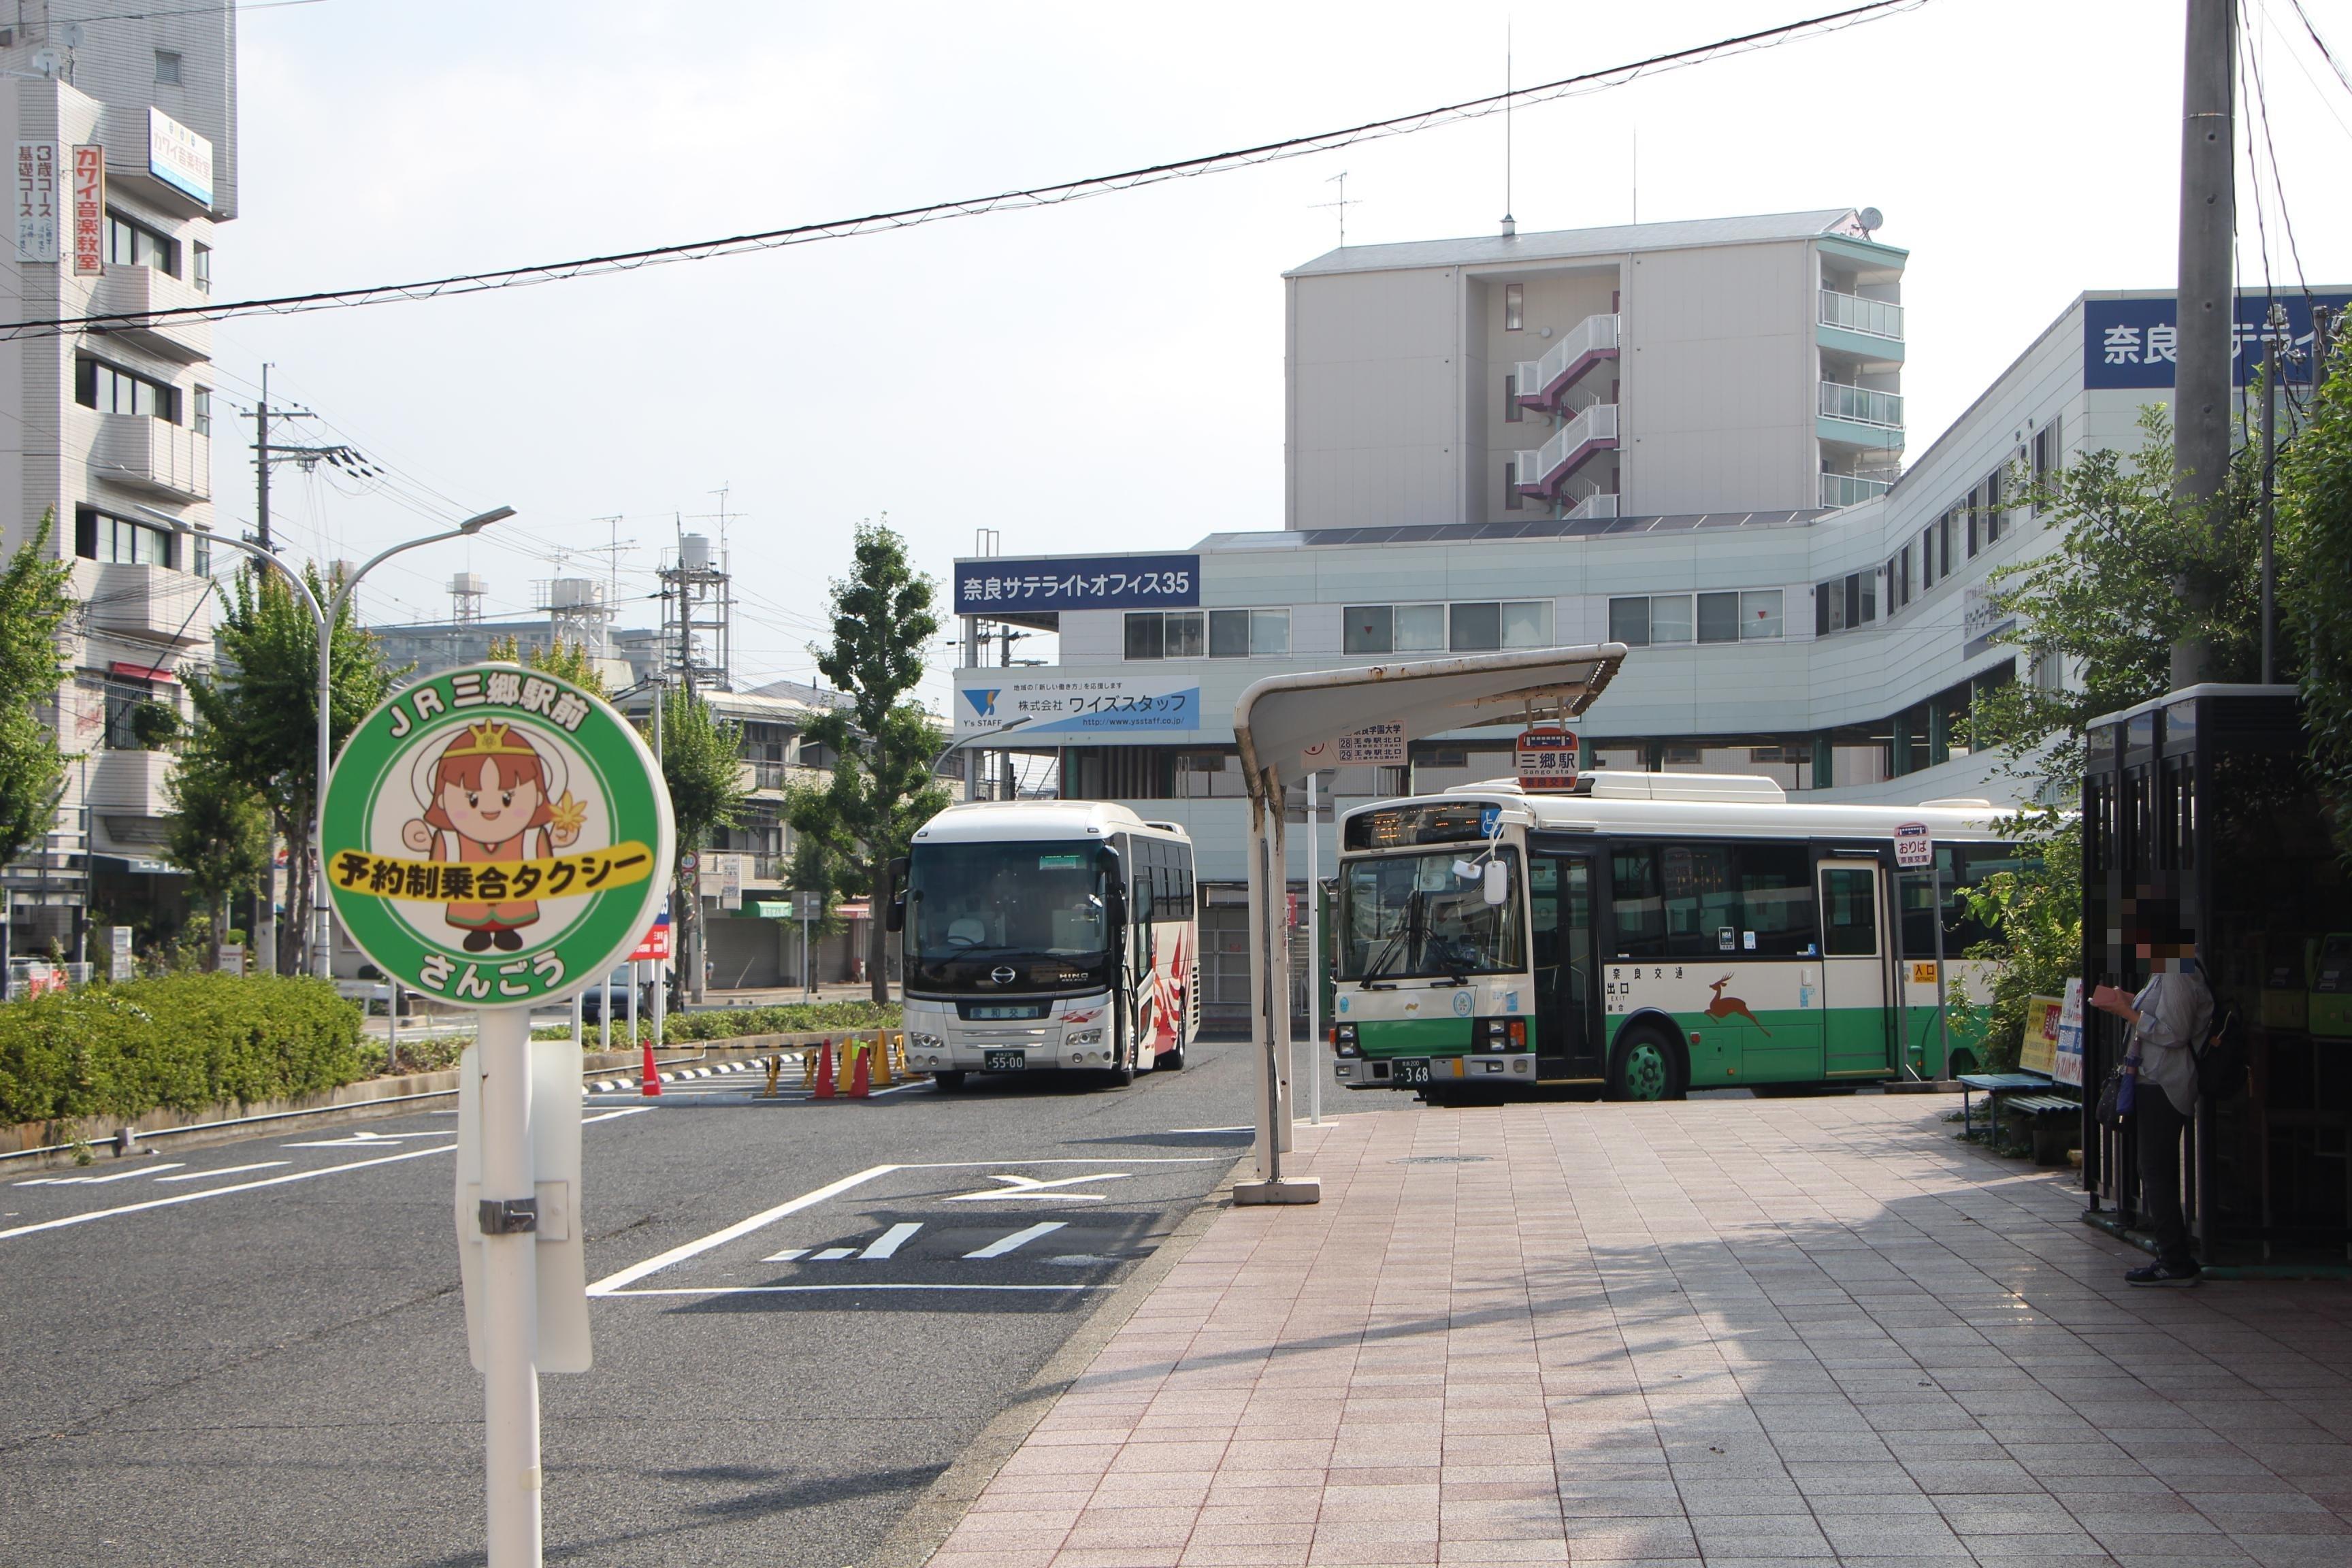 三郷駅(生駒郡三郷町) - BUS STOP~バス停探訪ブログ~